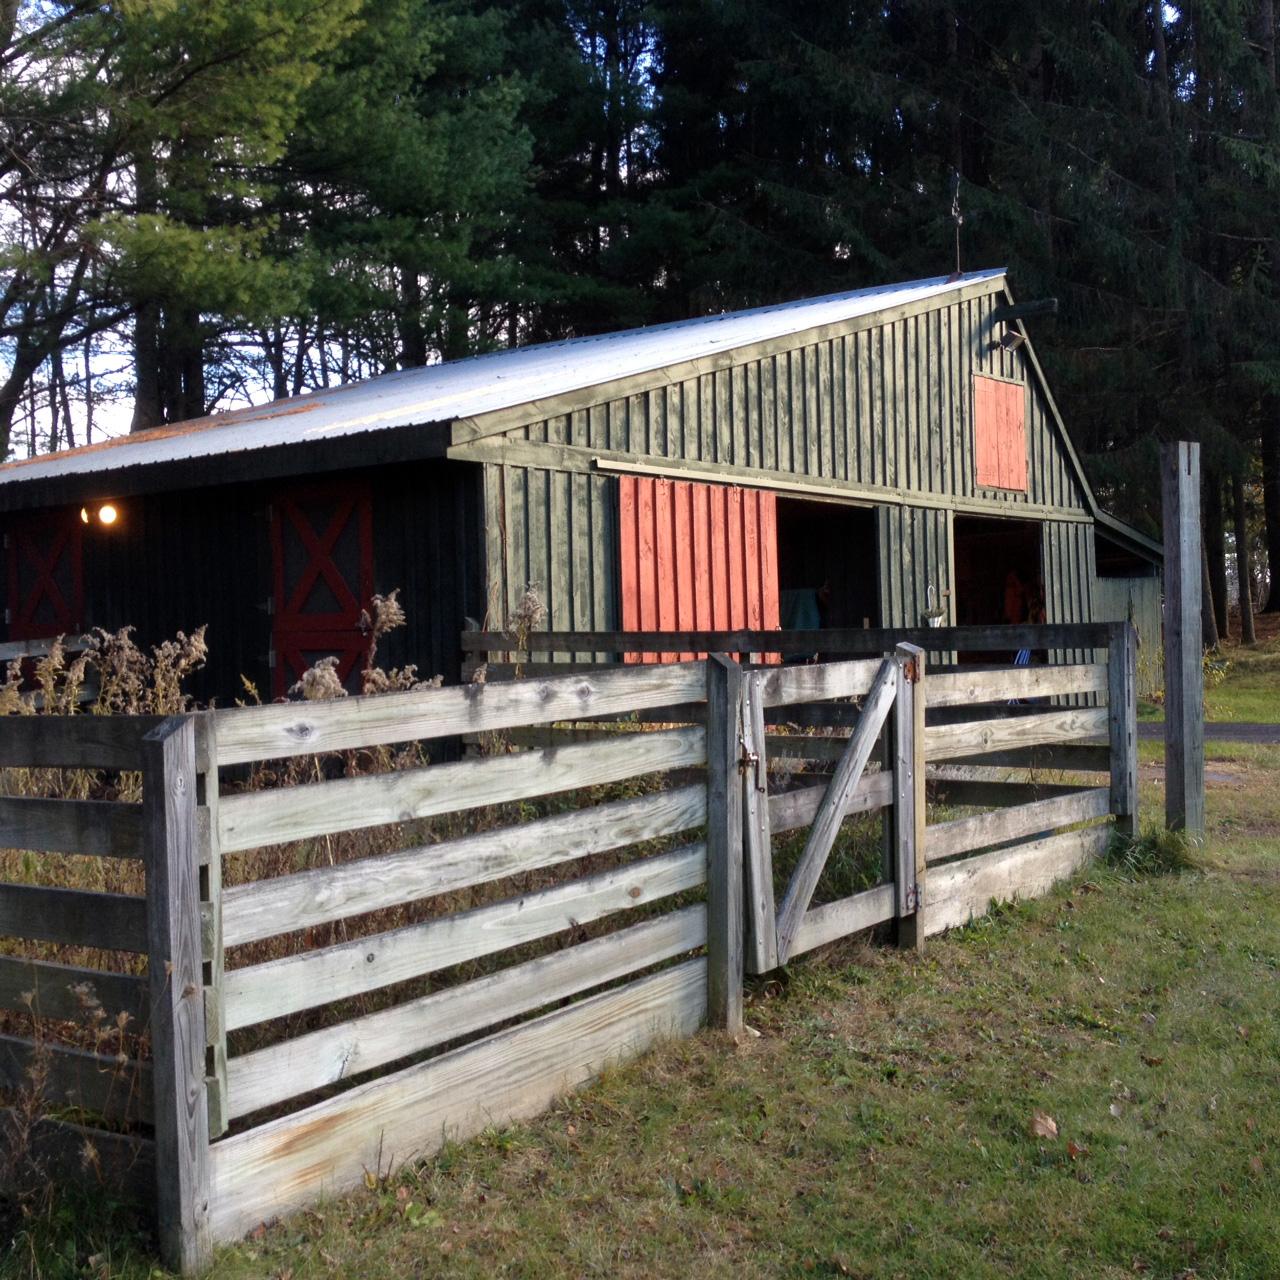 DZ Farm